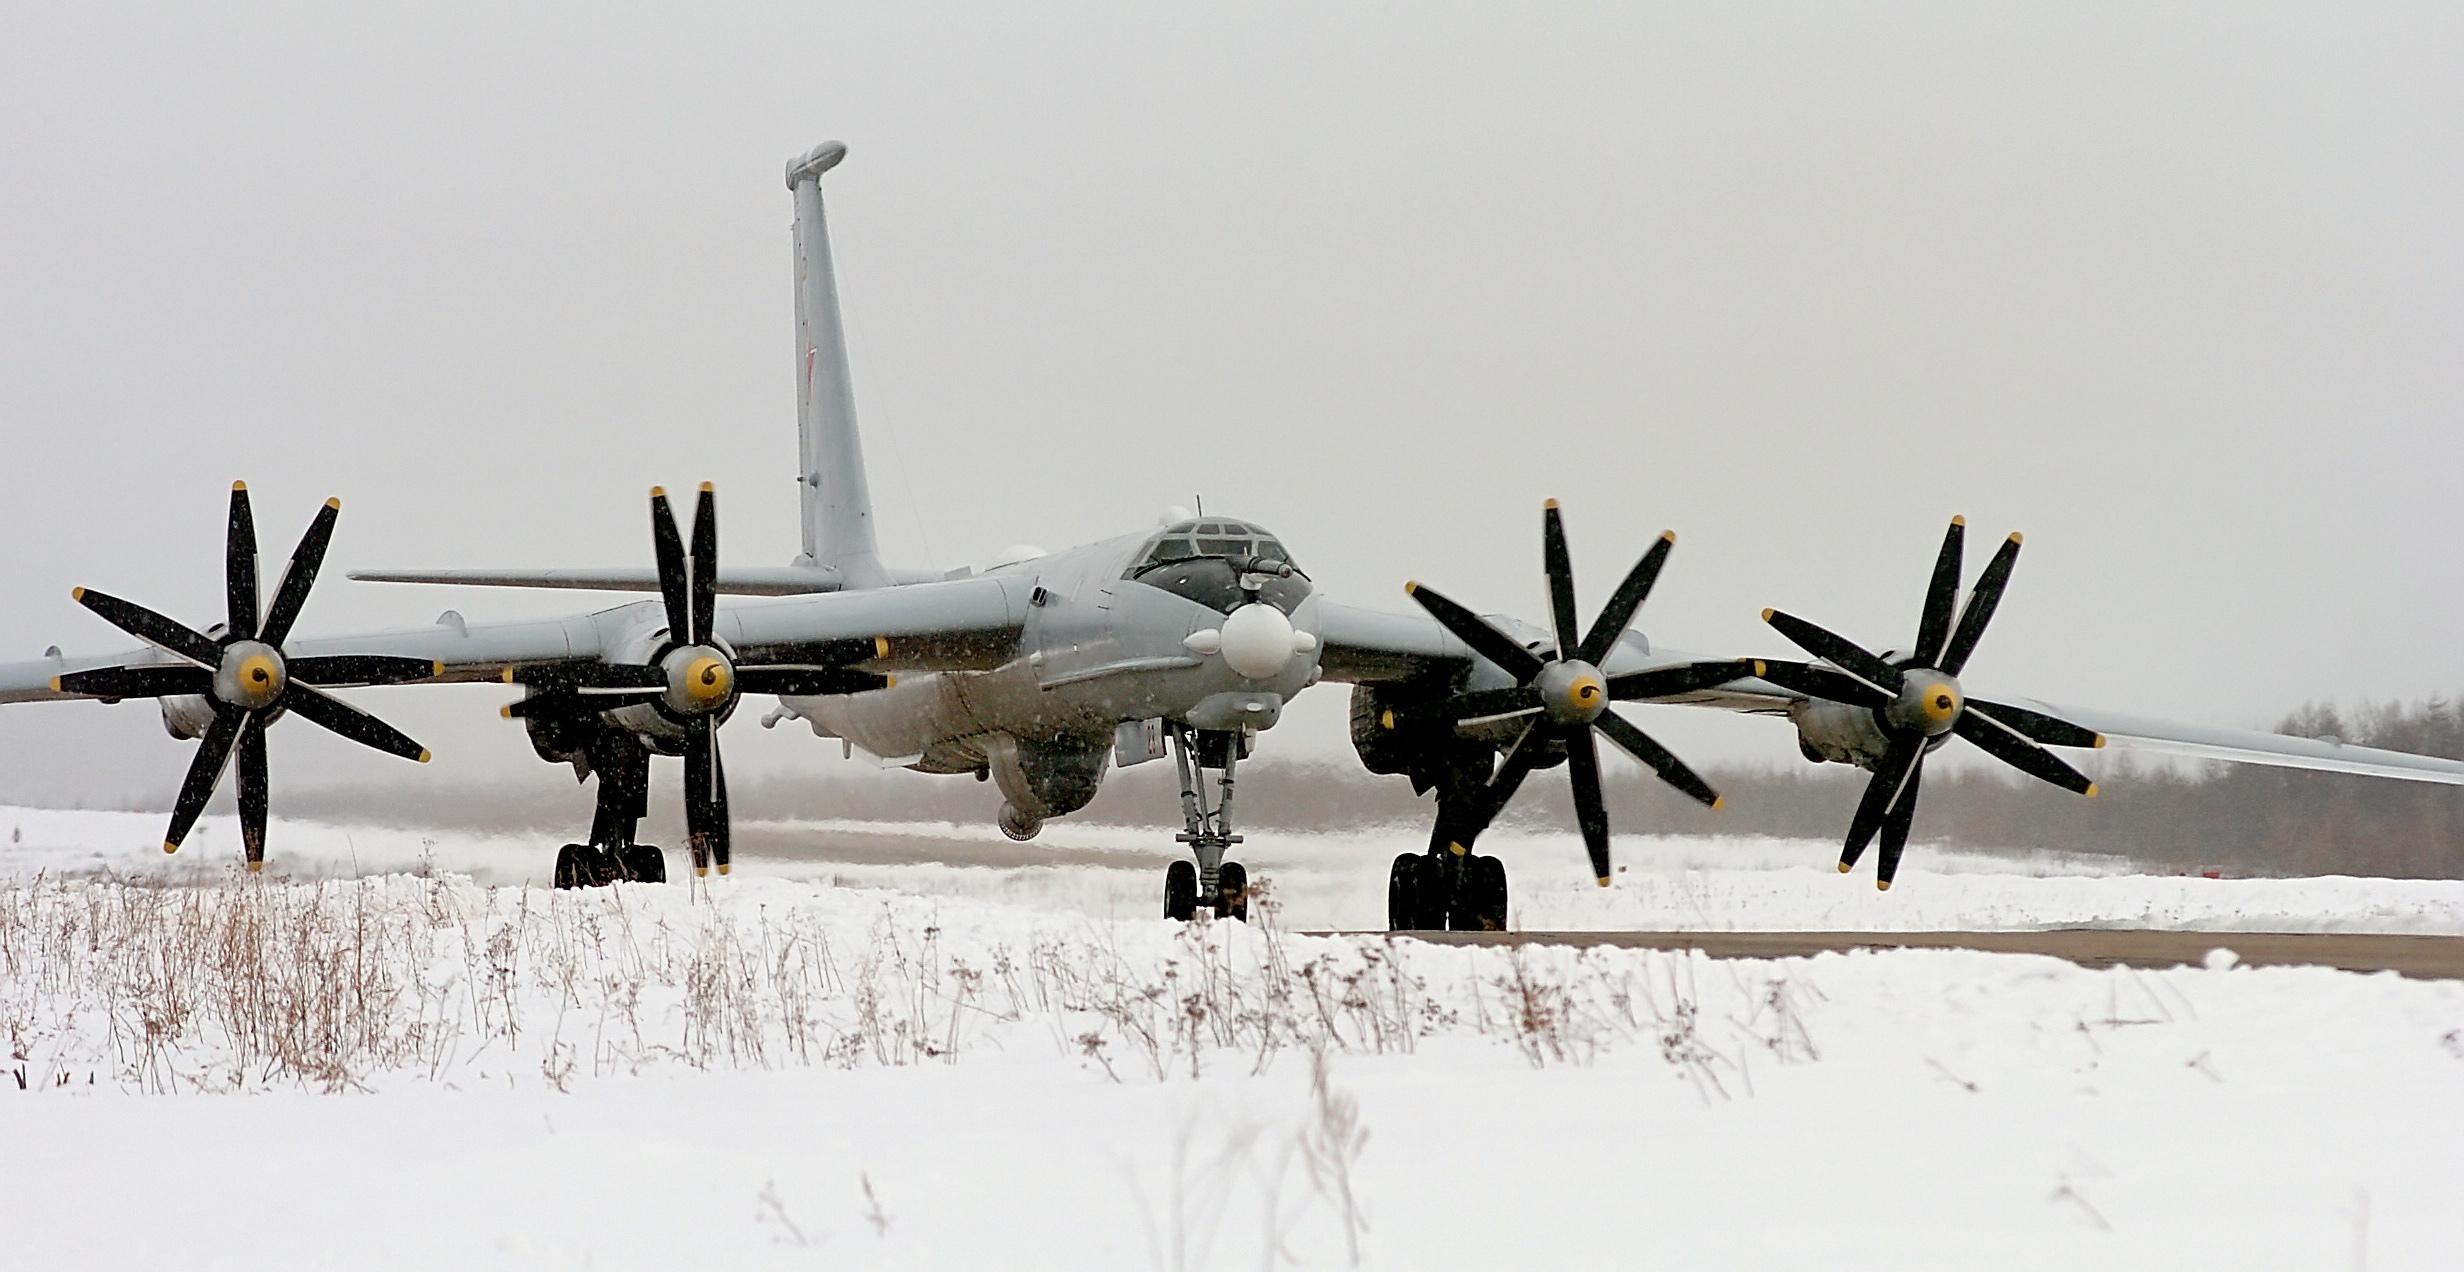 Противолодочный самолет Ту-142. Авиационная часть Тихоокеанского флота